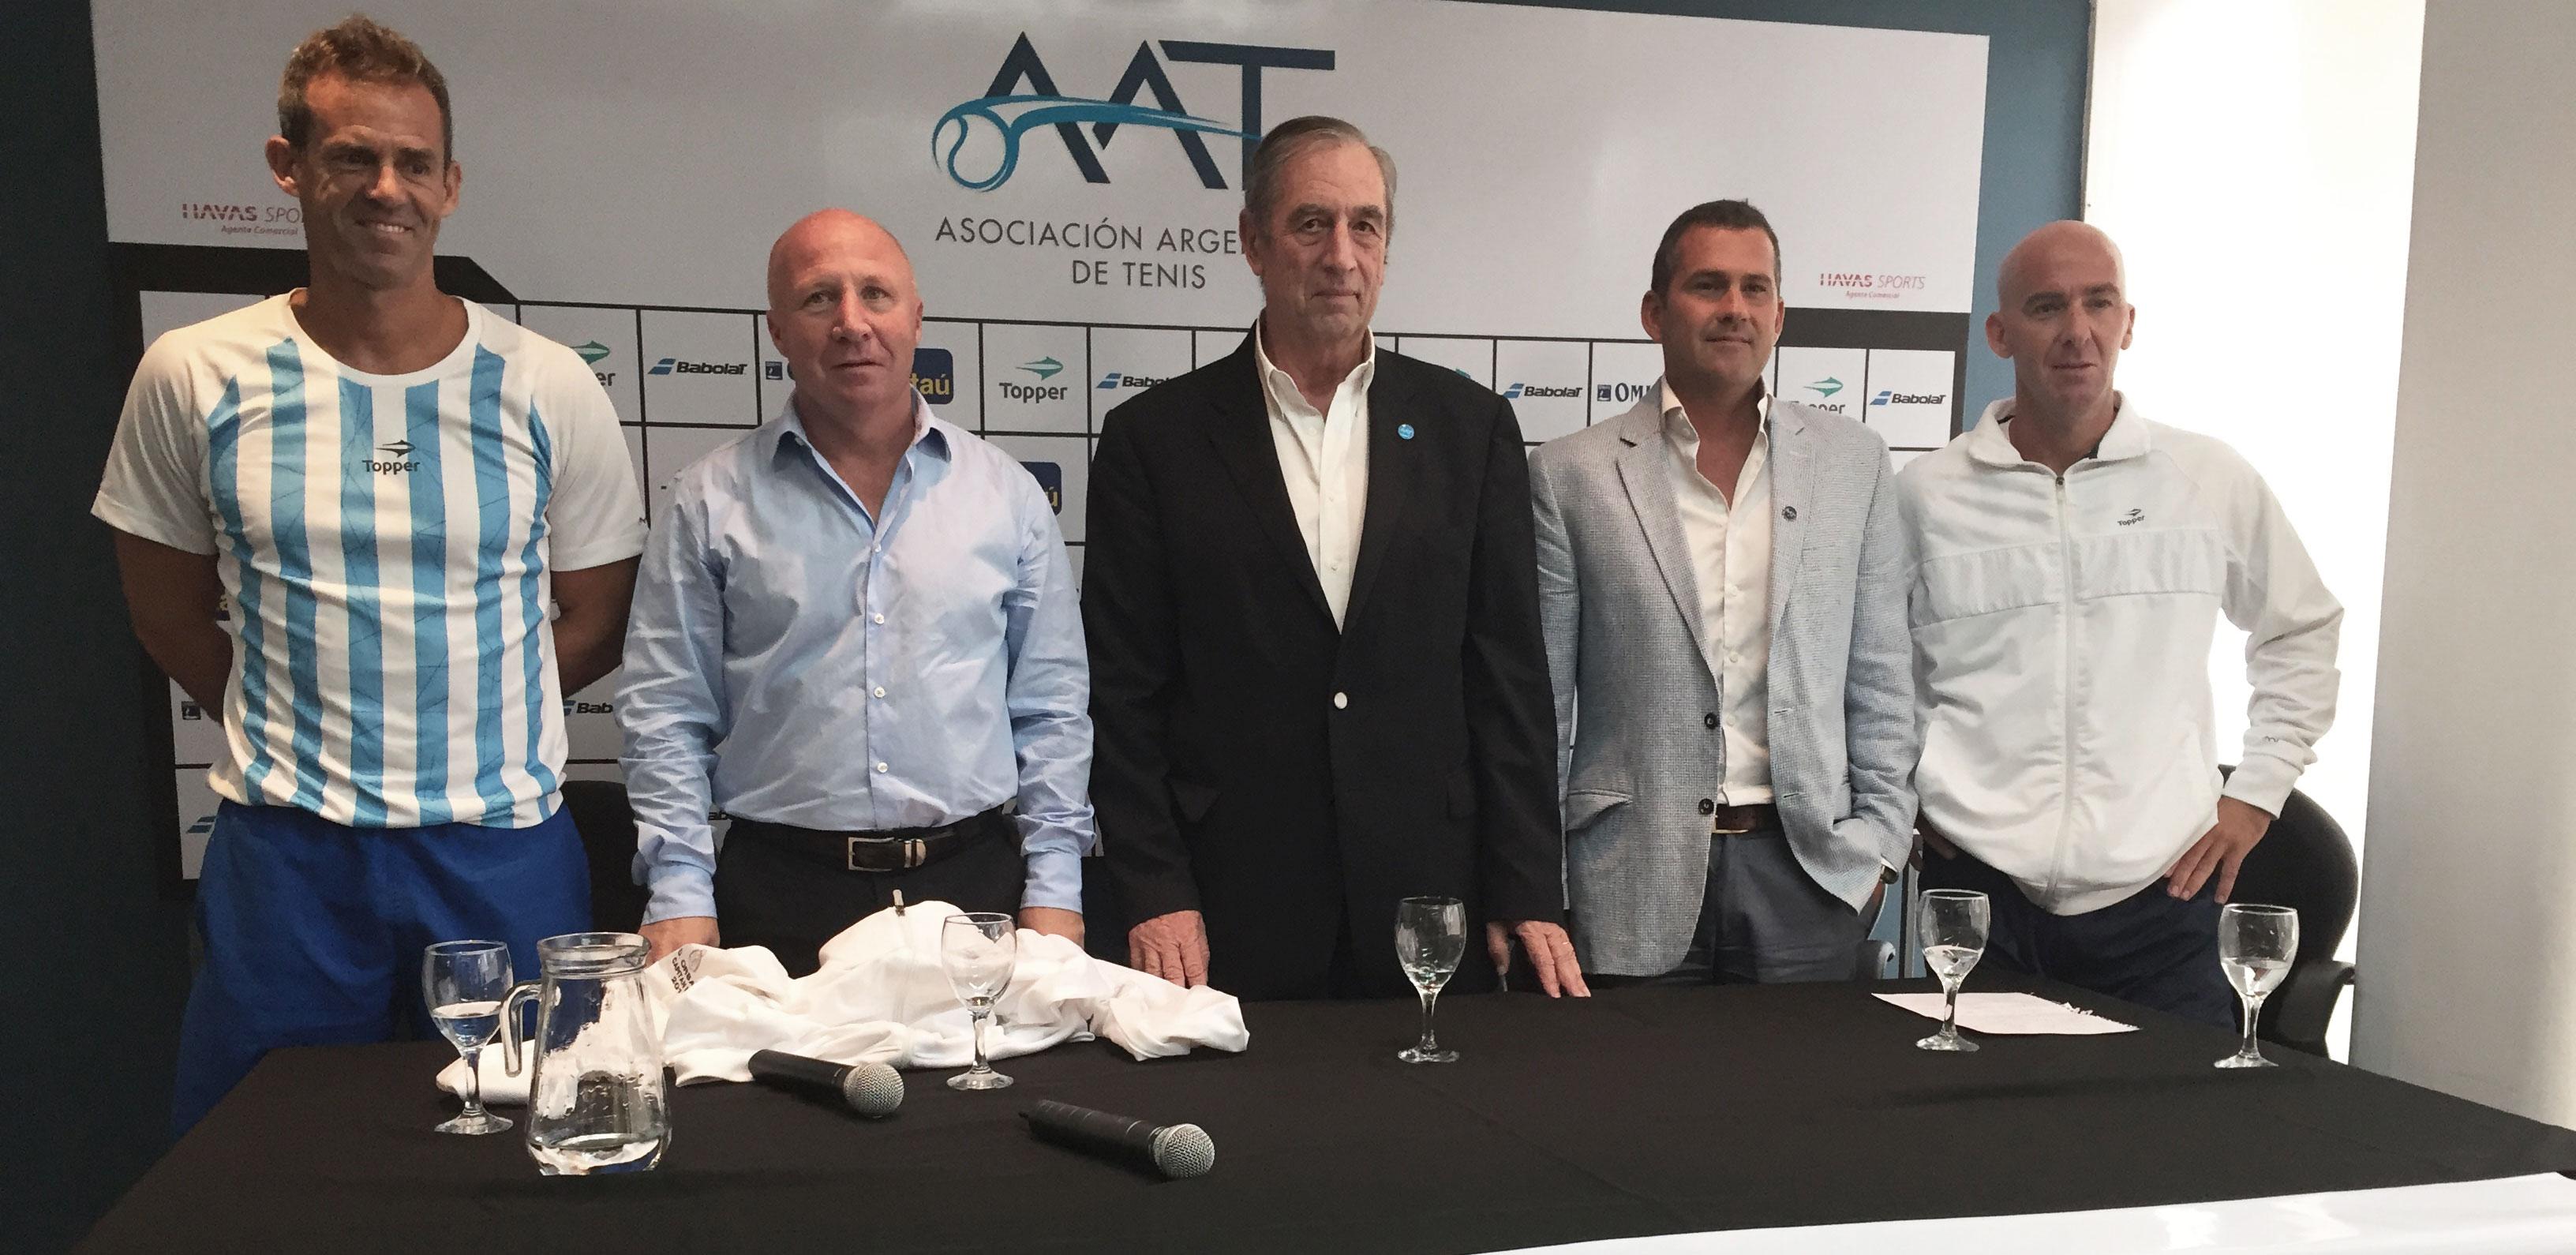 Anuncio del equipo argentino de Copa Davis